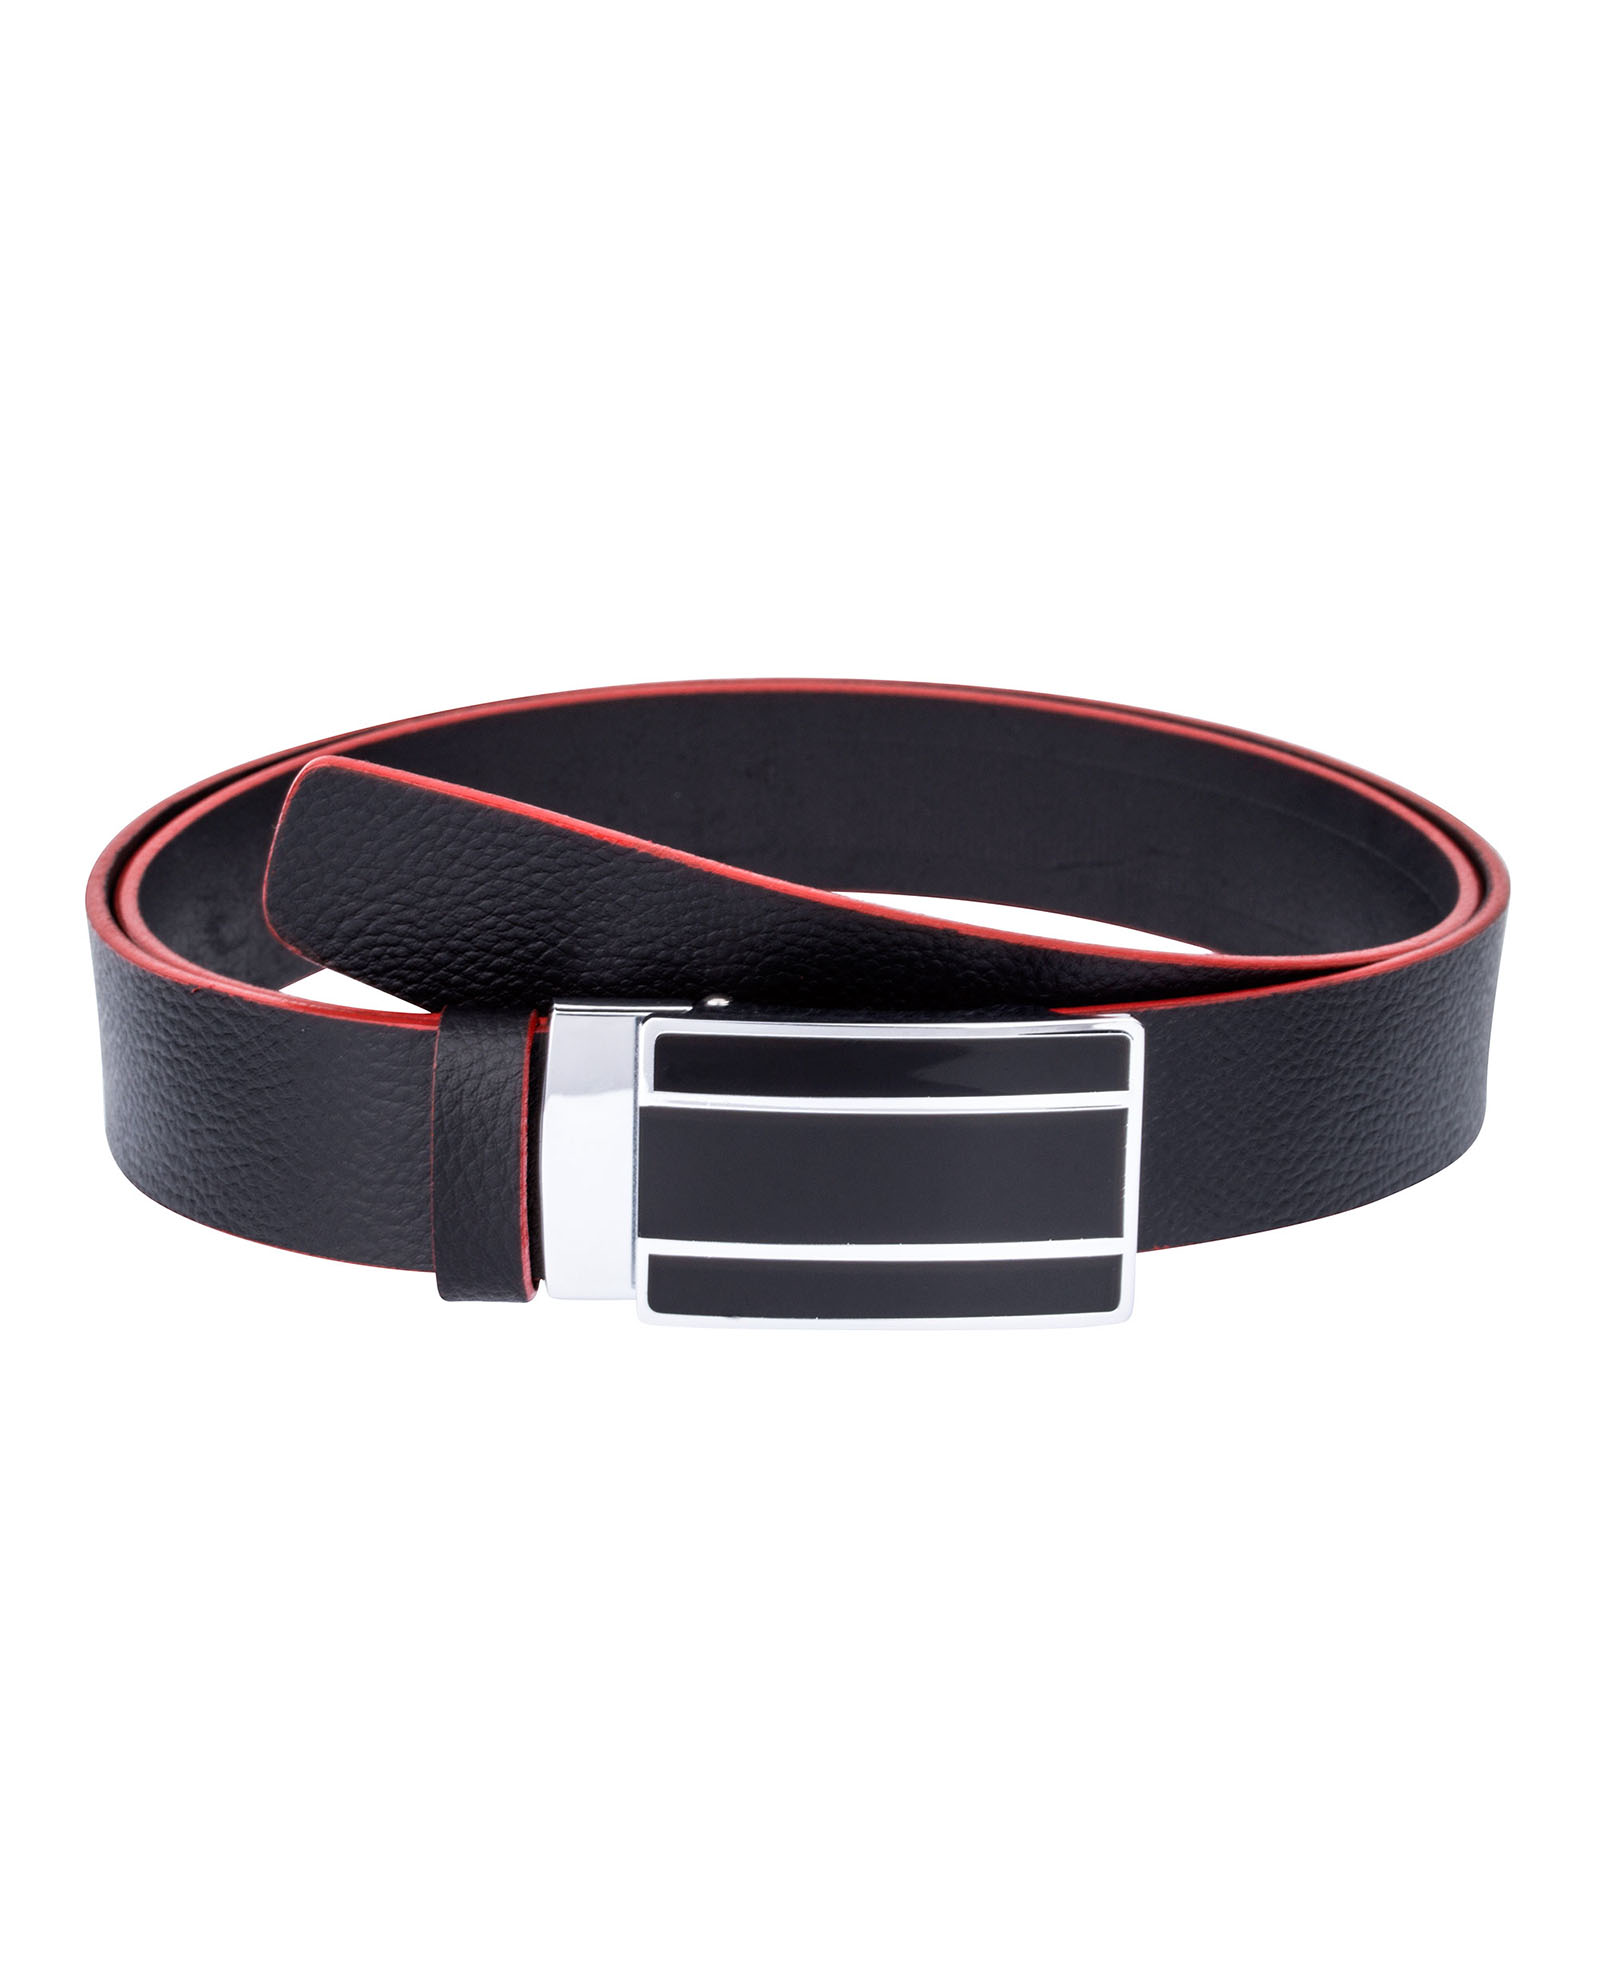 Black-Cowhide-Slide-Belt-First-picture